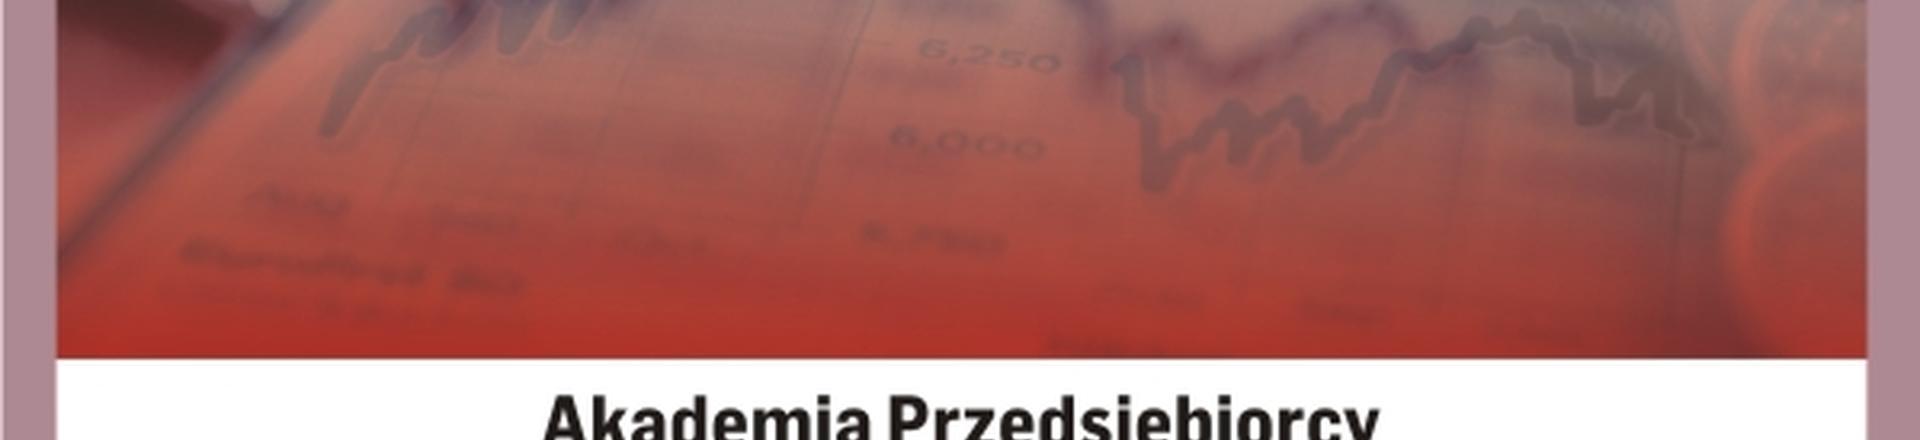 Cykl Akademia Przedsiębiorcy: Kapitał i bezpieczeństwo Twojej firmy - Legnica